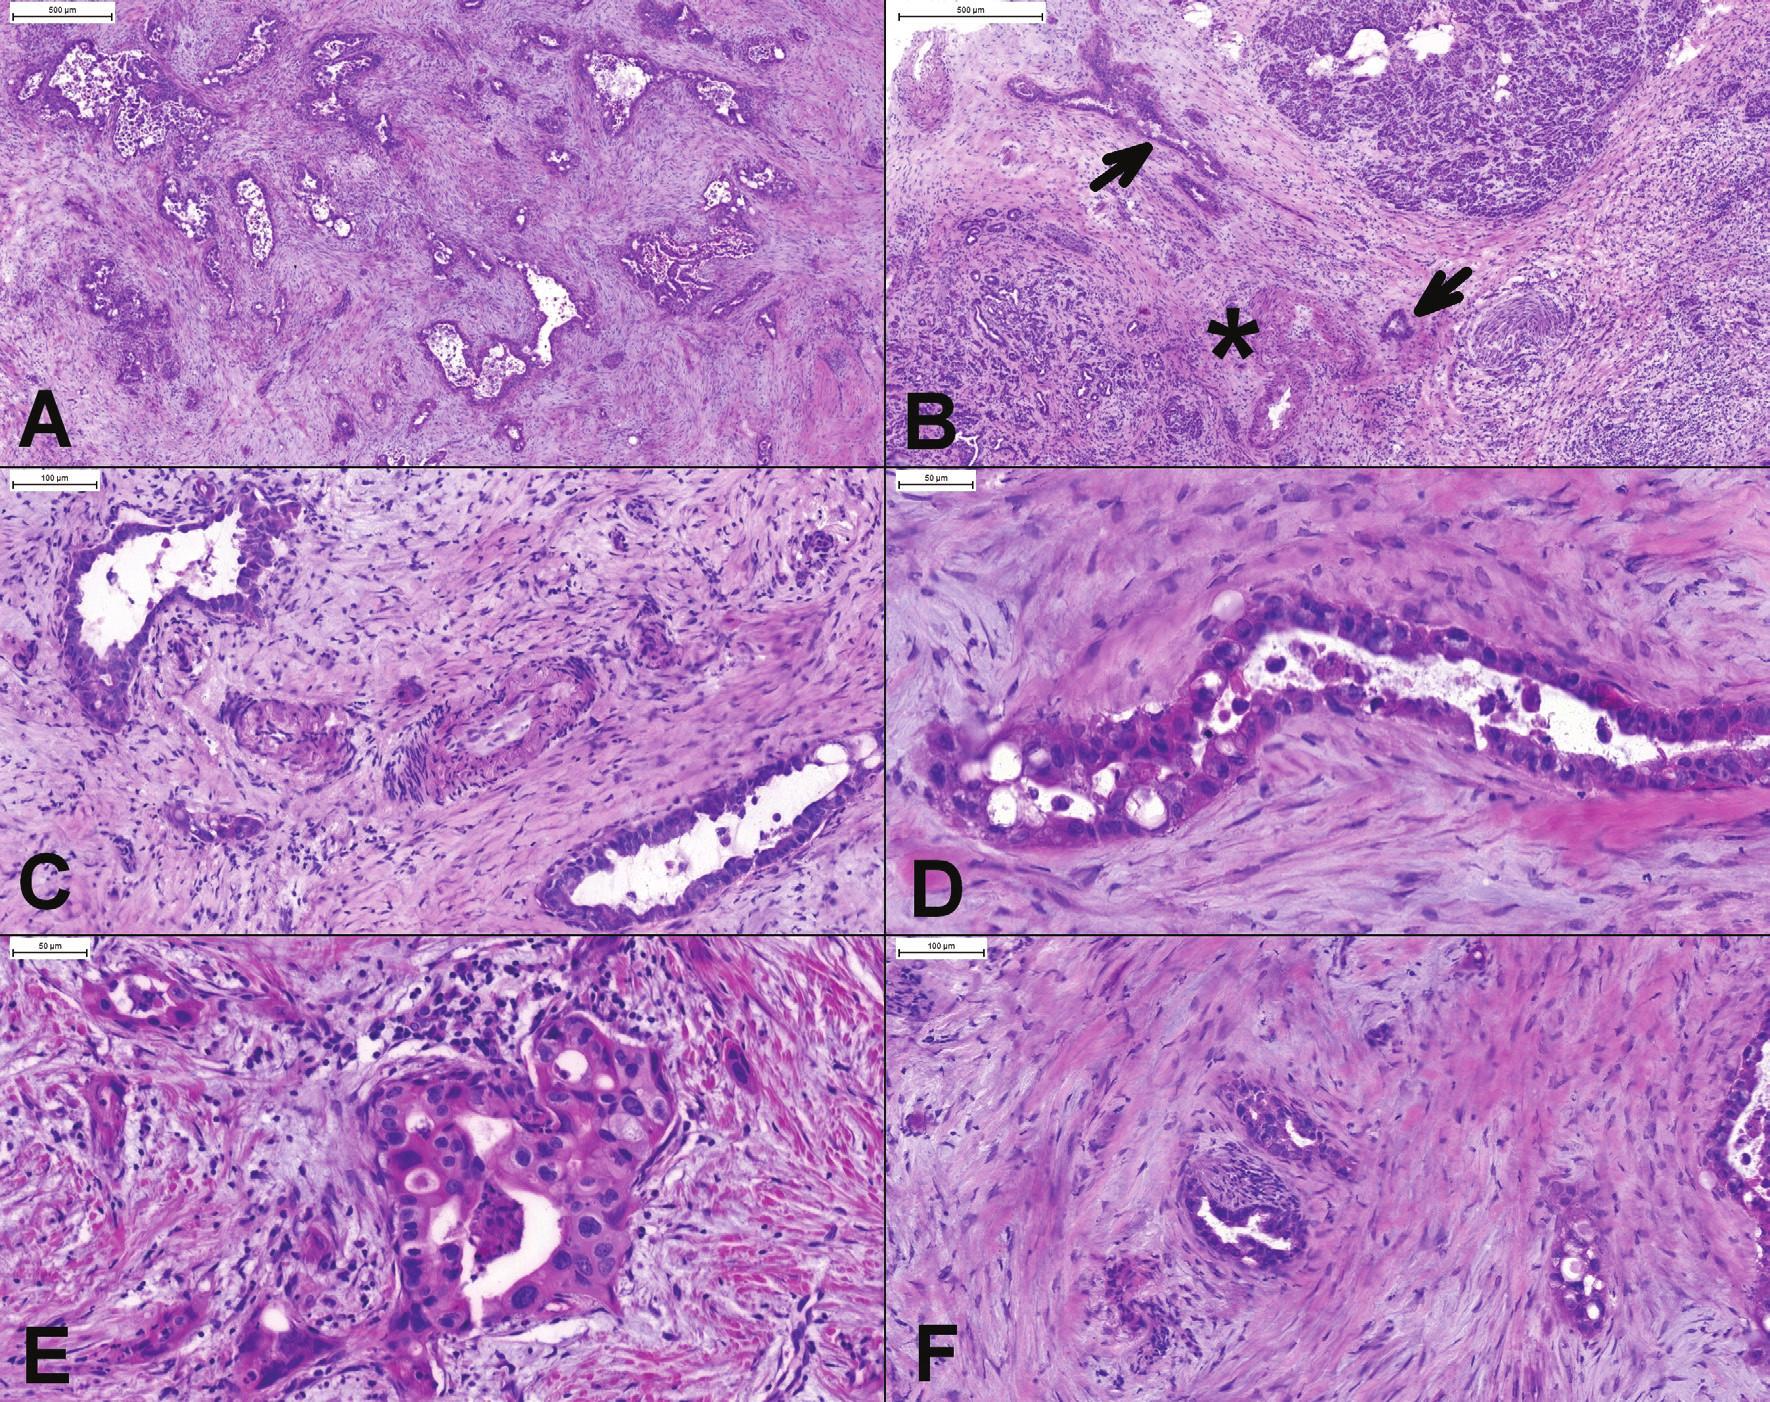 (A) Duktálny karcinóm pankreasu. Vo väčšine prípadov je diagnóza ľahká. Chaoticky usporiadané žliazky s cytologickými atypiami a debris v lúmenoch sú jednoznačnou známkou malignity. (B, C) Žliazky karcinómu lokalizované vo fibrotických interlobulárnych septách (), v blízkosti muskulárnych artérií (*). V normálnom pankrease dukty a väčšie cievy nikdy nemajú spoločný priebeh. (D) Nekrotický debris v atypickej žliazke. (E) Variácia veľkosti jadier 4:1, inkopletne formované žliazky a infiltrácia po jednotlivých bunkách. (F) Perineurálna invázia